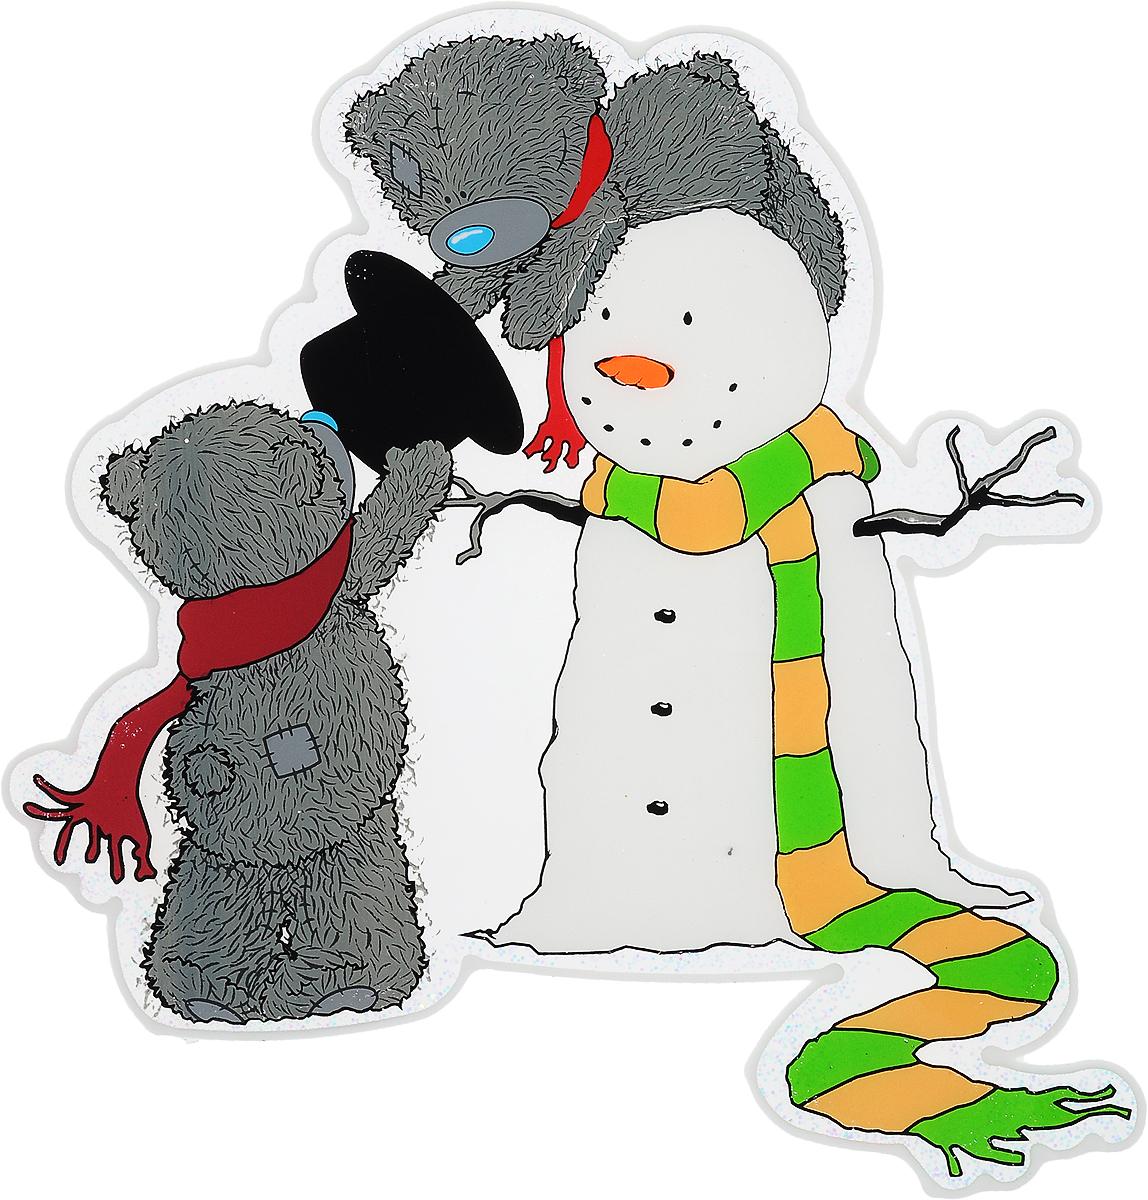 Новогоднее оконное украшение Winter Wings Me To You, 24,5 х 25,5 смDP-C30-075Новогоднее оконное украшение Winter Wings Me To You выполнено из ПВХ в виде медвежат Тедди и снеговика.С помощью гелевой наклейки Winter Wings Me To You можно составлять на стекле целые зимние сюжеты, которые будут радовать глаз, и поднимать настроение в праздничные дни! Так же Вы можете преподнести этот сувенир в качестве мини-презента коллегам, близким и друзьям с пожеланиями счастливого Нового Года!